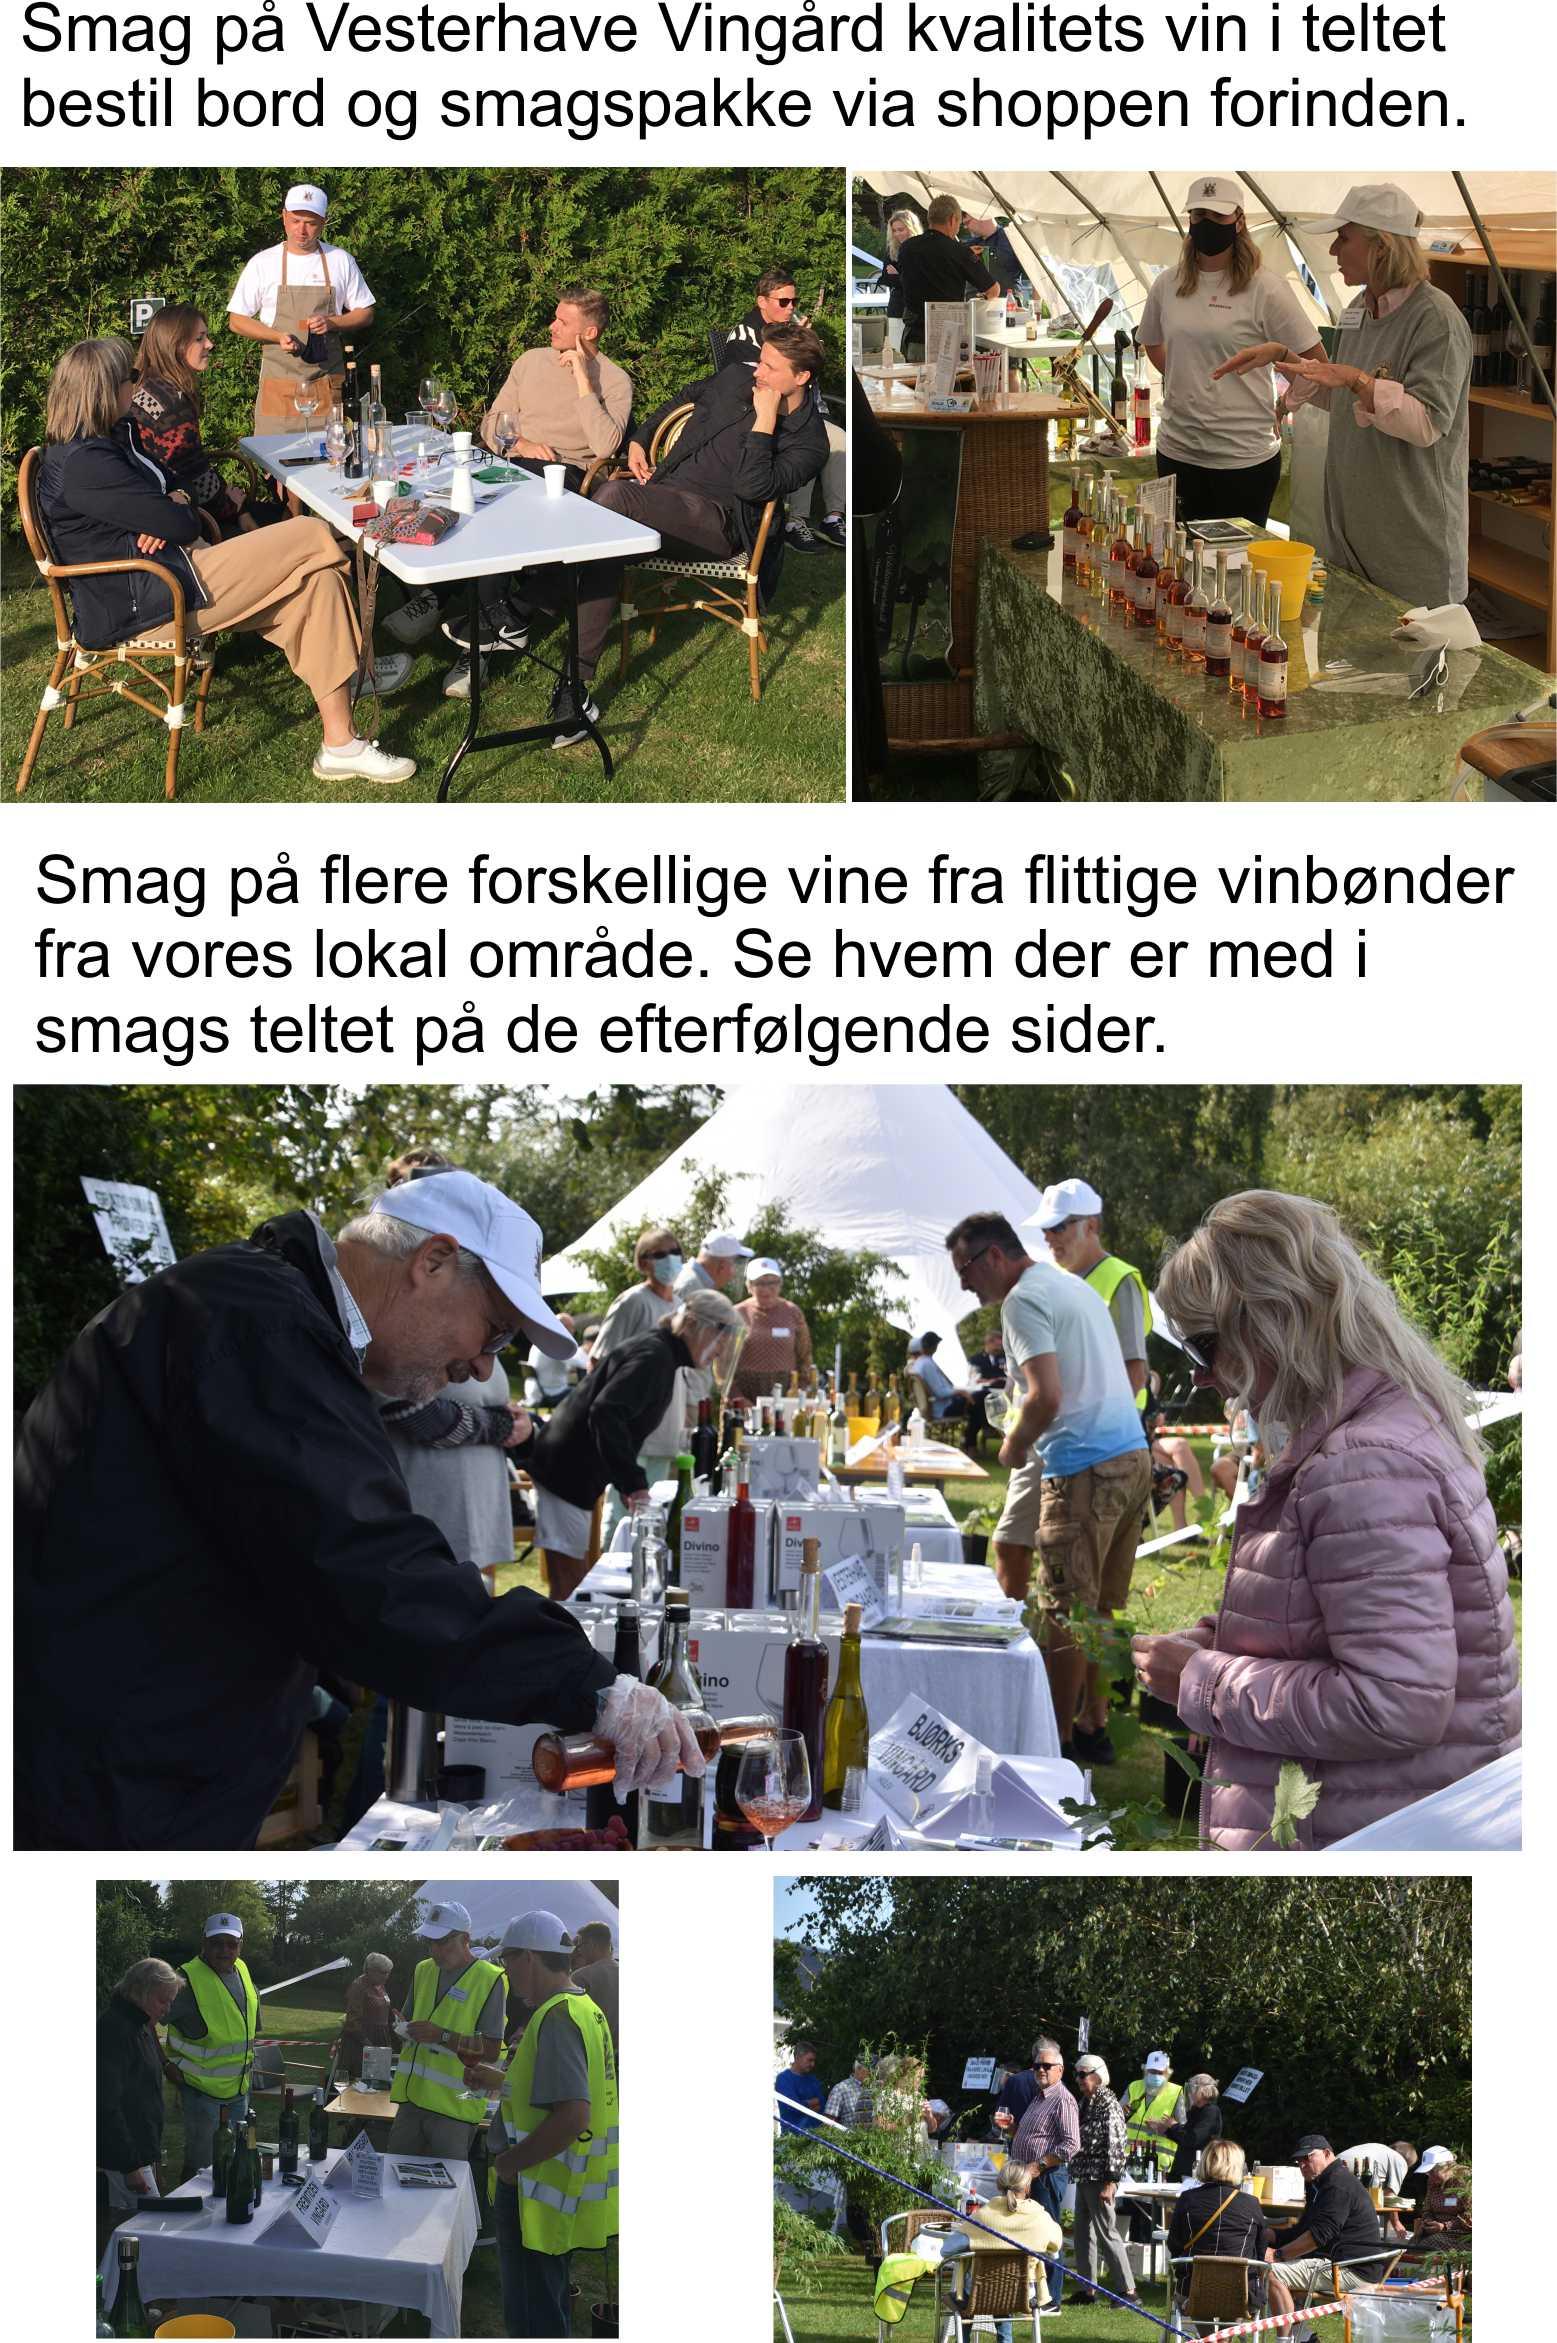 BORD reservation til Vinfestival 4.sept 2021 kl 12-17